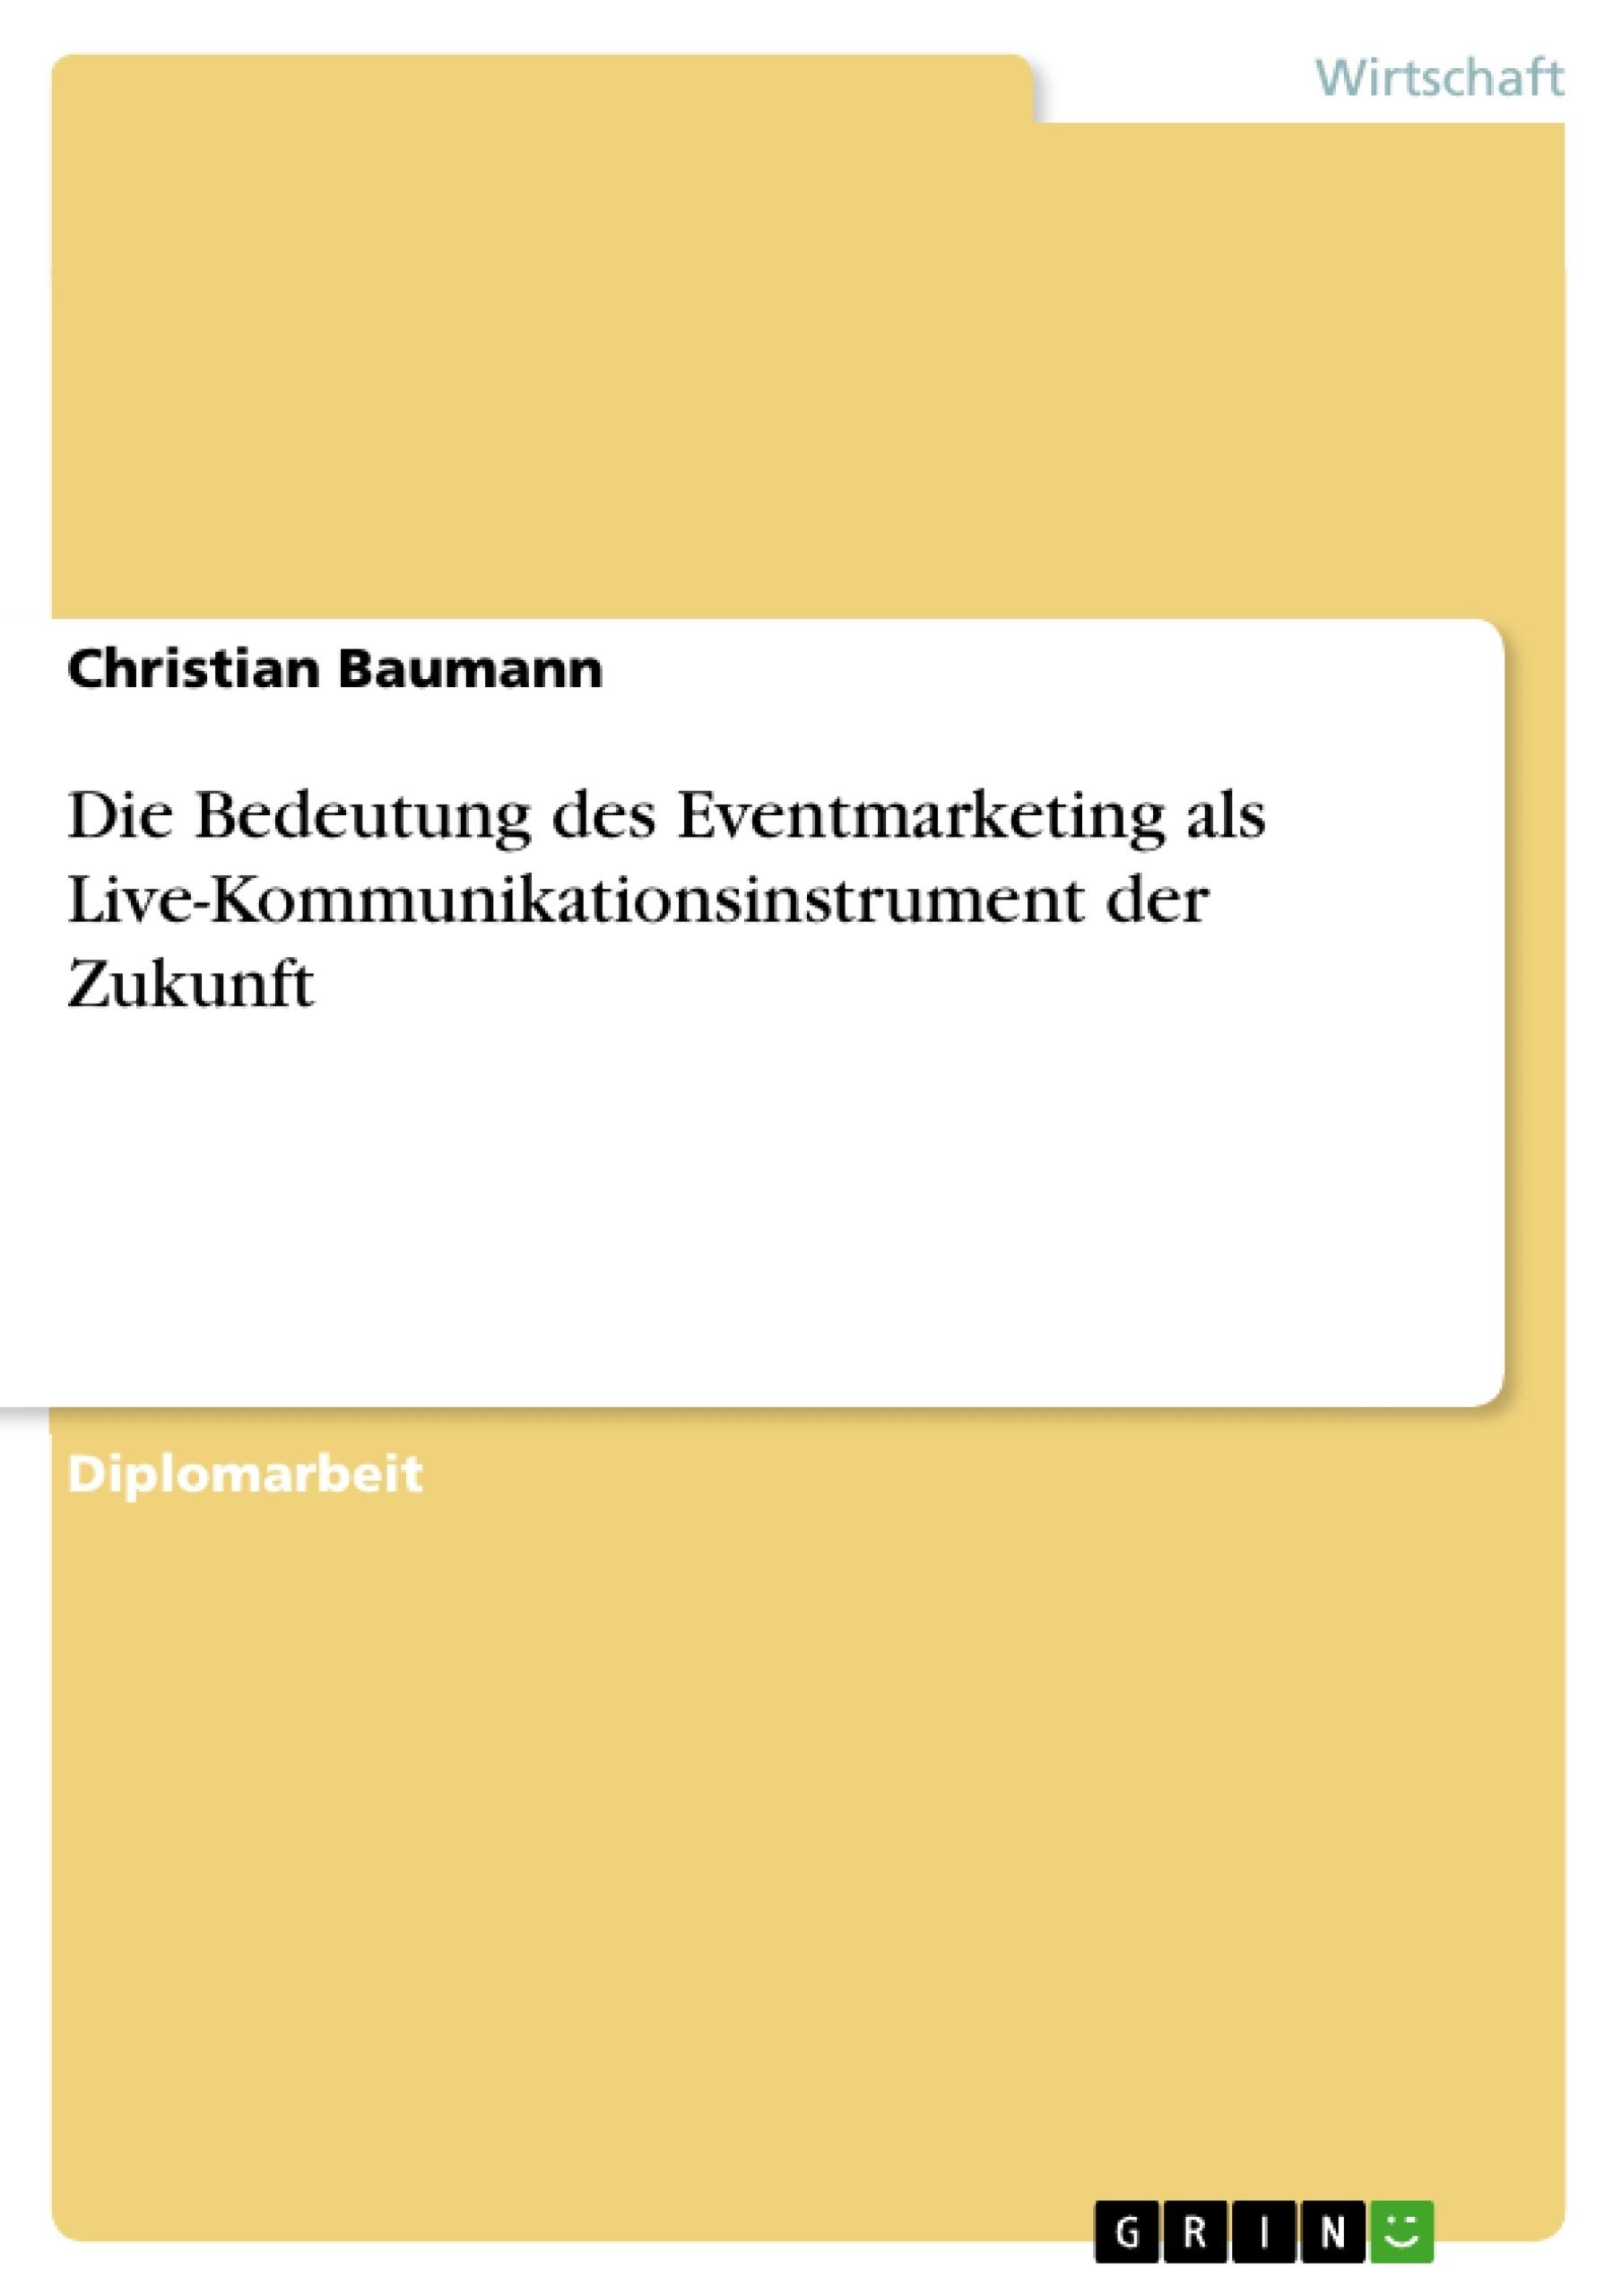 Titel: Die Bedeutung des Eventmarketing als Live-Kommunikationsinstrument der Zukunft